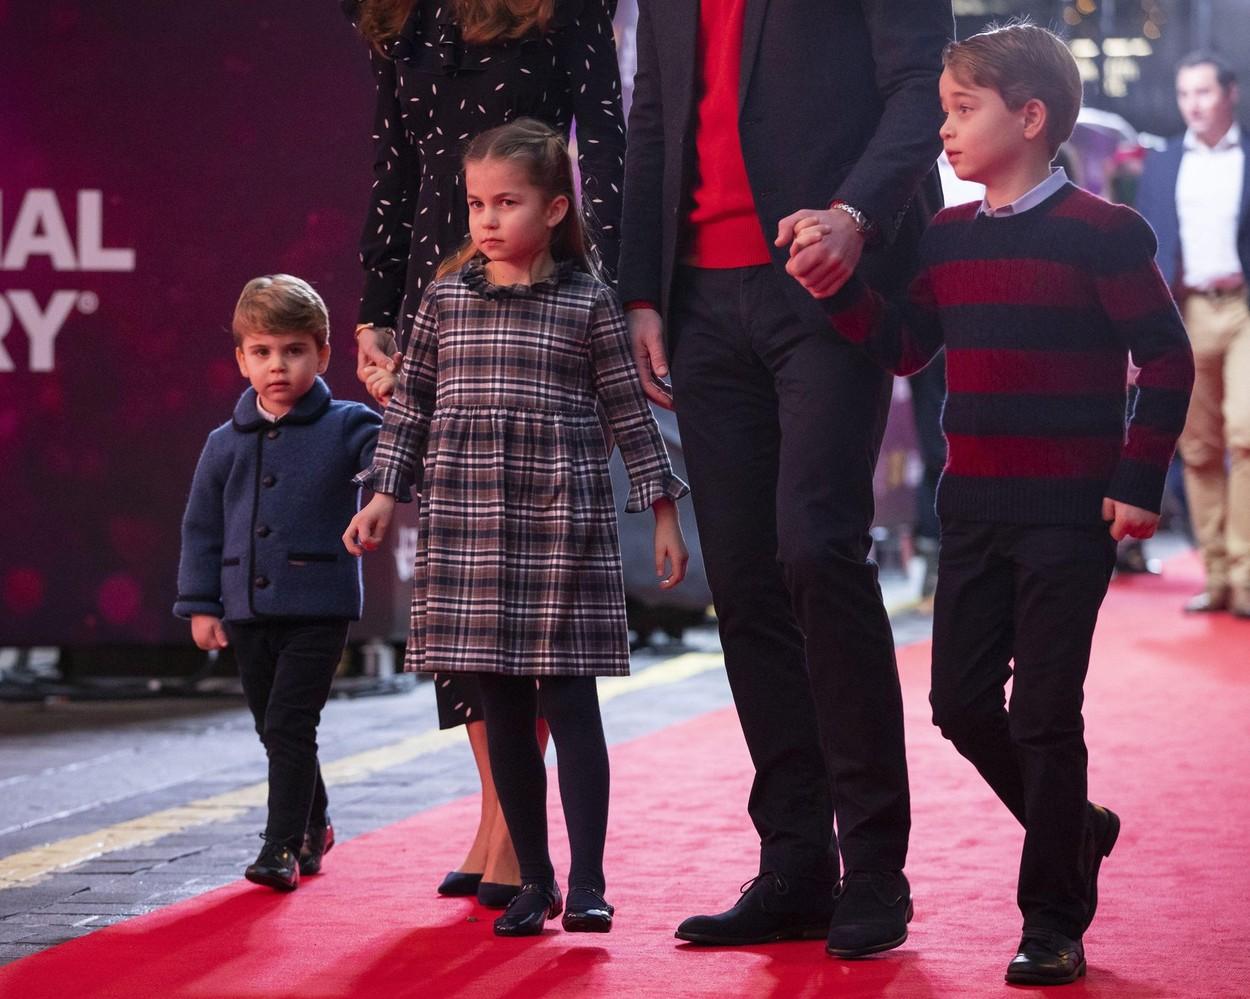 György herceg, Sarolta hercegnő, Lajos herceg